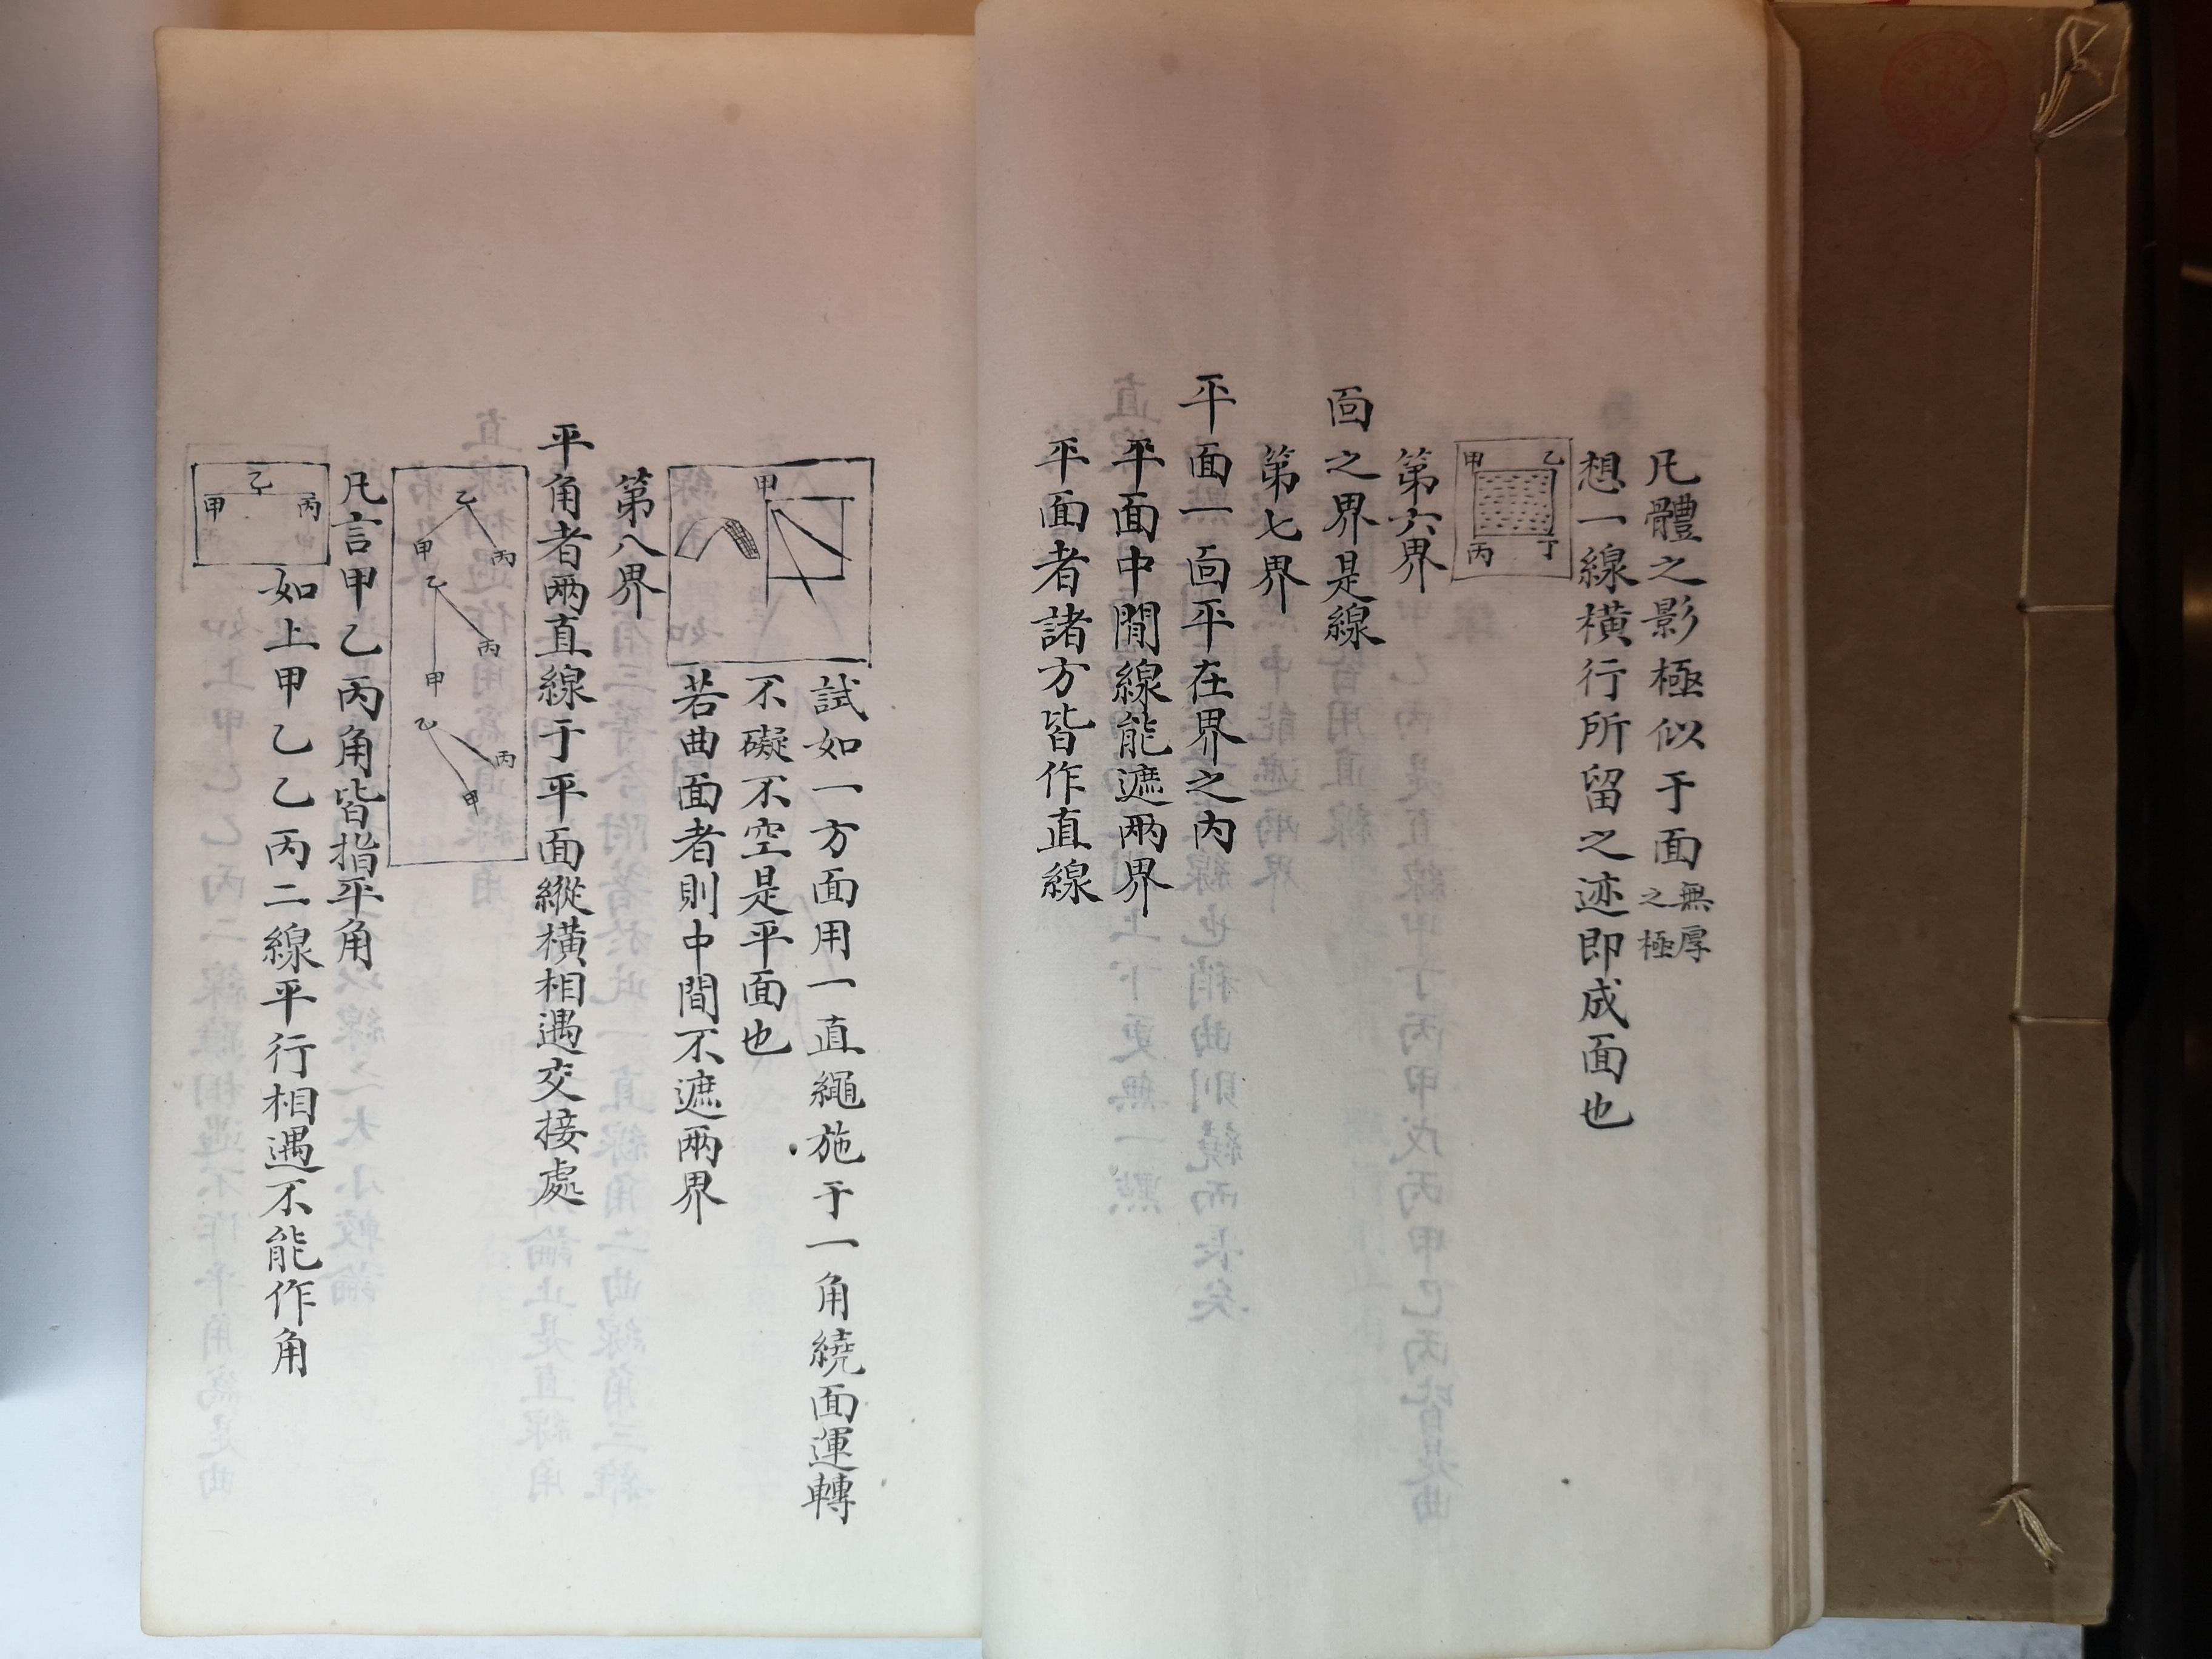 《几何原本》,利玛窦、徐光启(译),清抄本